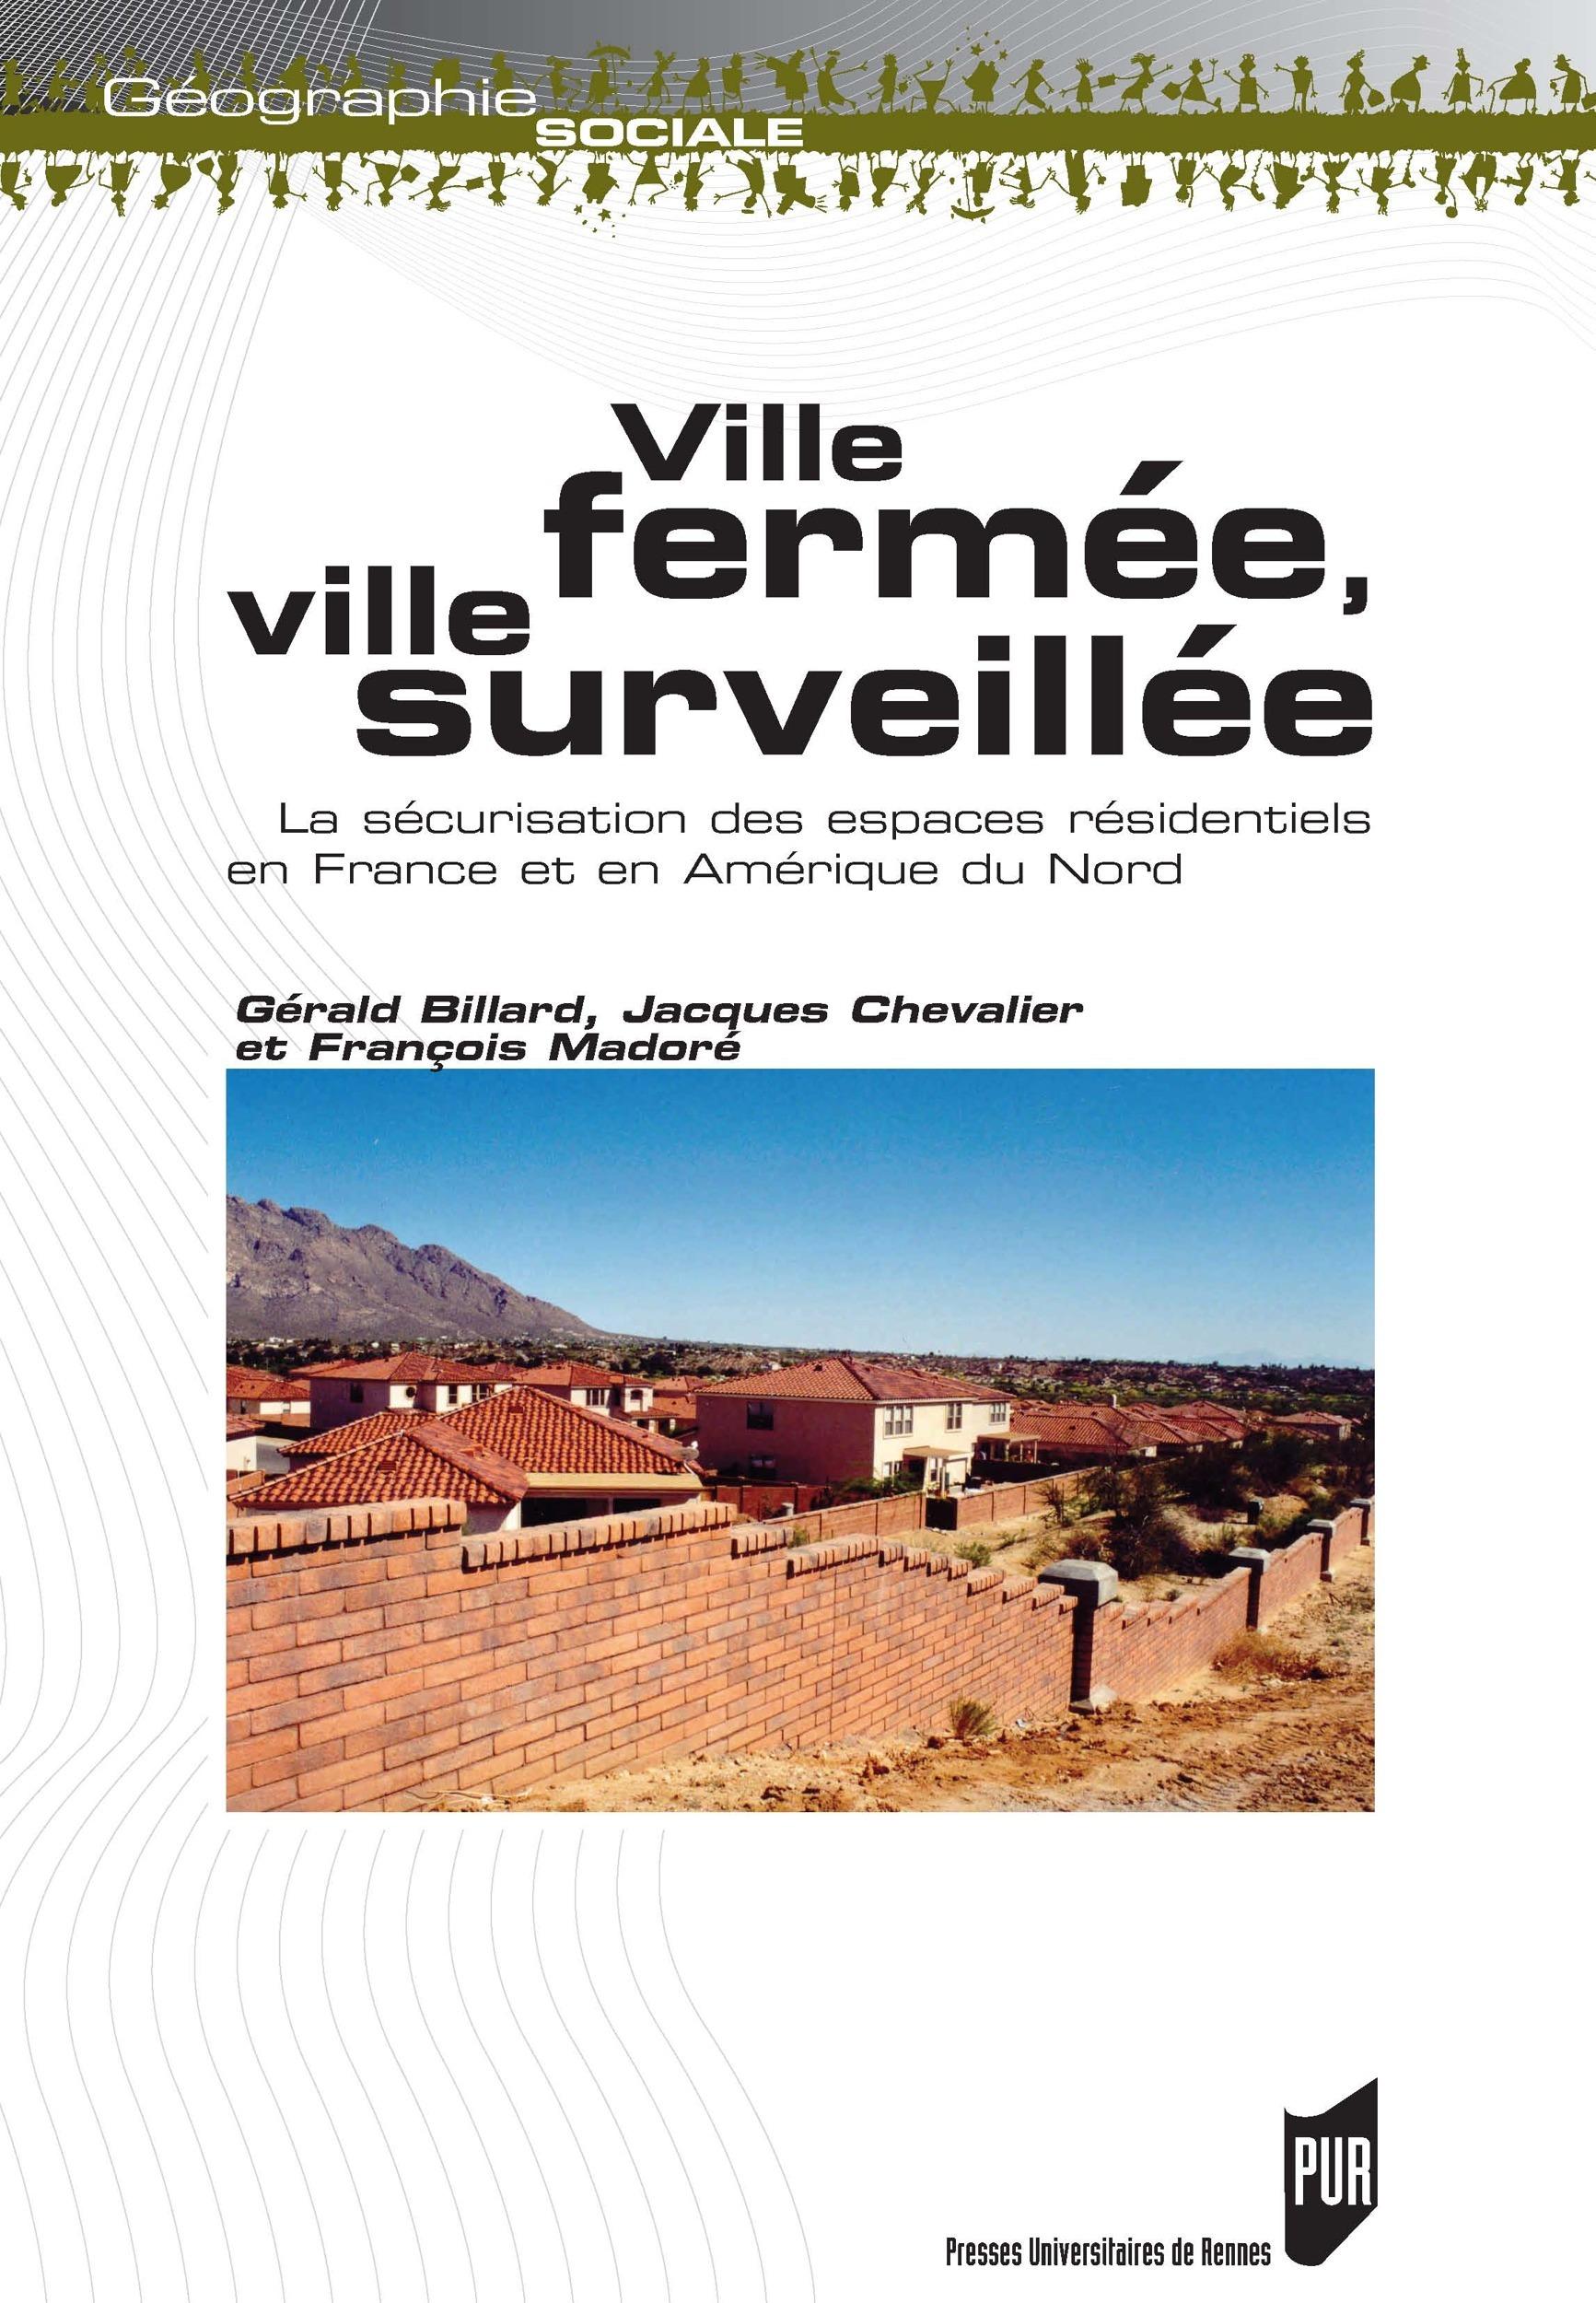 Ville fermee ville surveillee securisation des espaces residentiels en france et